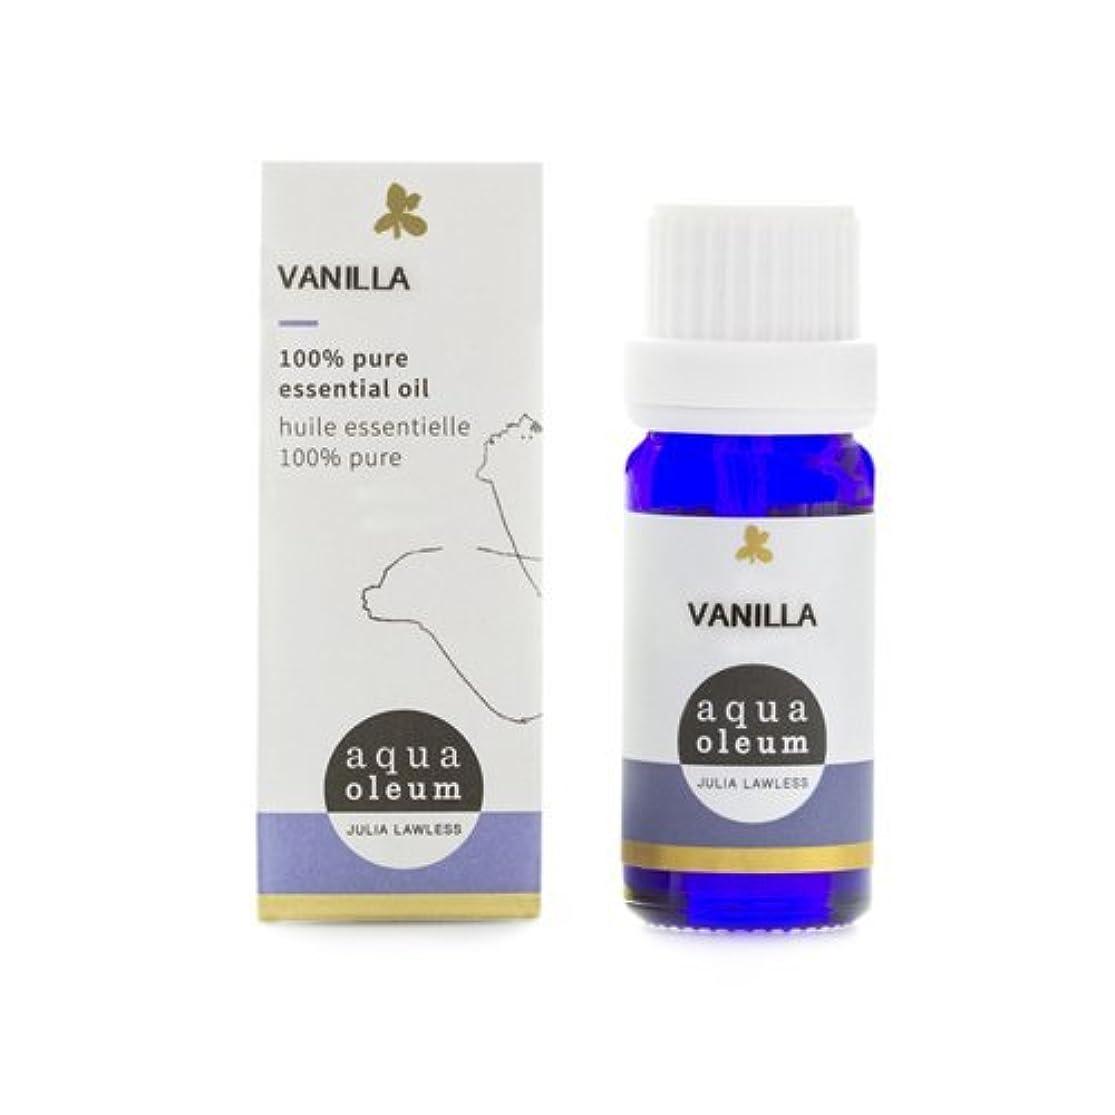 試みるかける心からアクアオレウム アブソリュート&プレシャス精油 バニラ 2ml(精油)